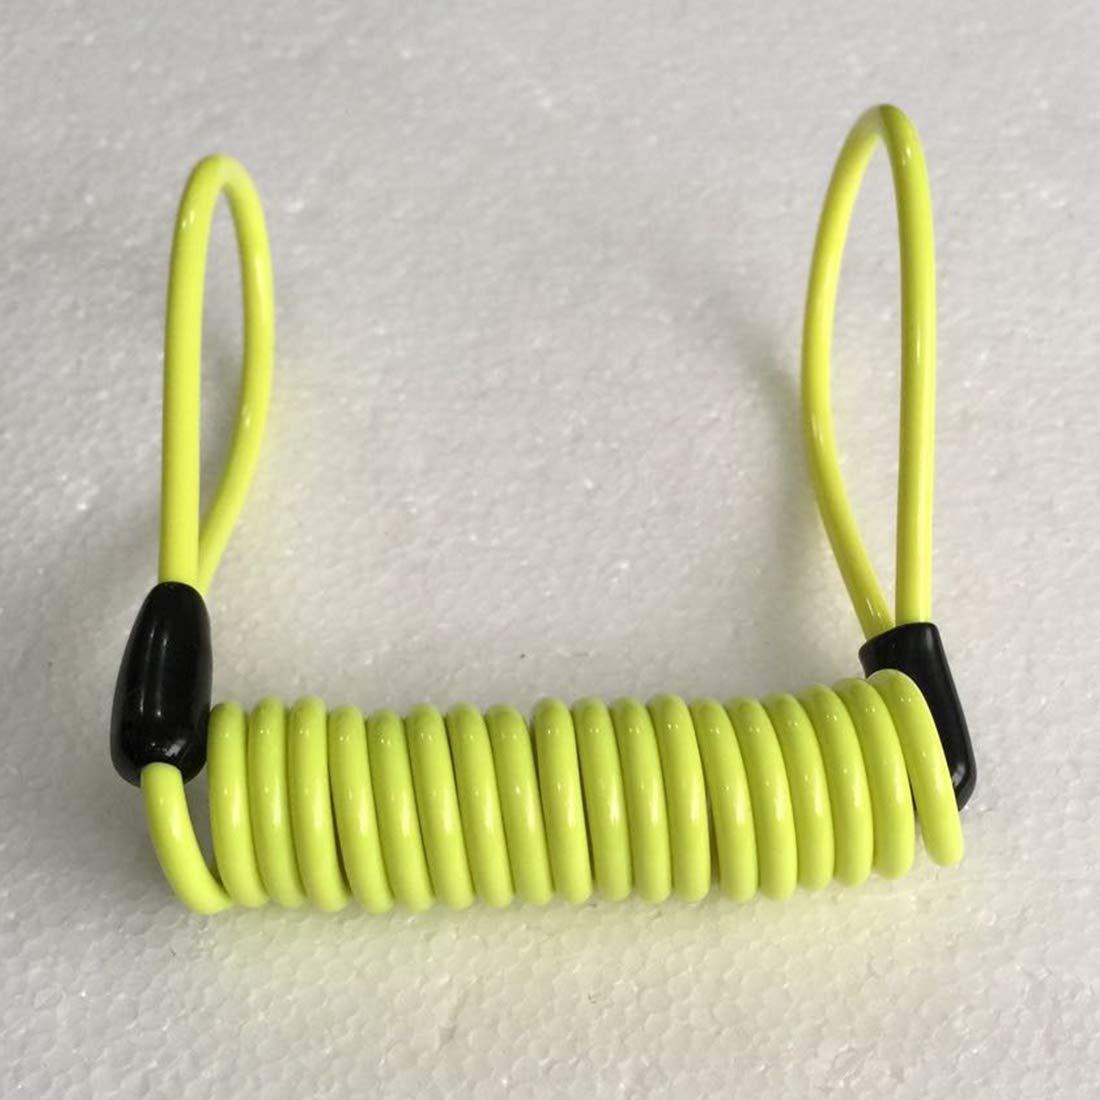 Noyokere Cable del recordatorio de la Seguridad de la Alarma de Reminde del Resorte de la Cerradura del Disco de la Motocicleta para el Azul de la Vespa de la Bici